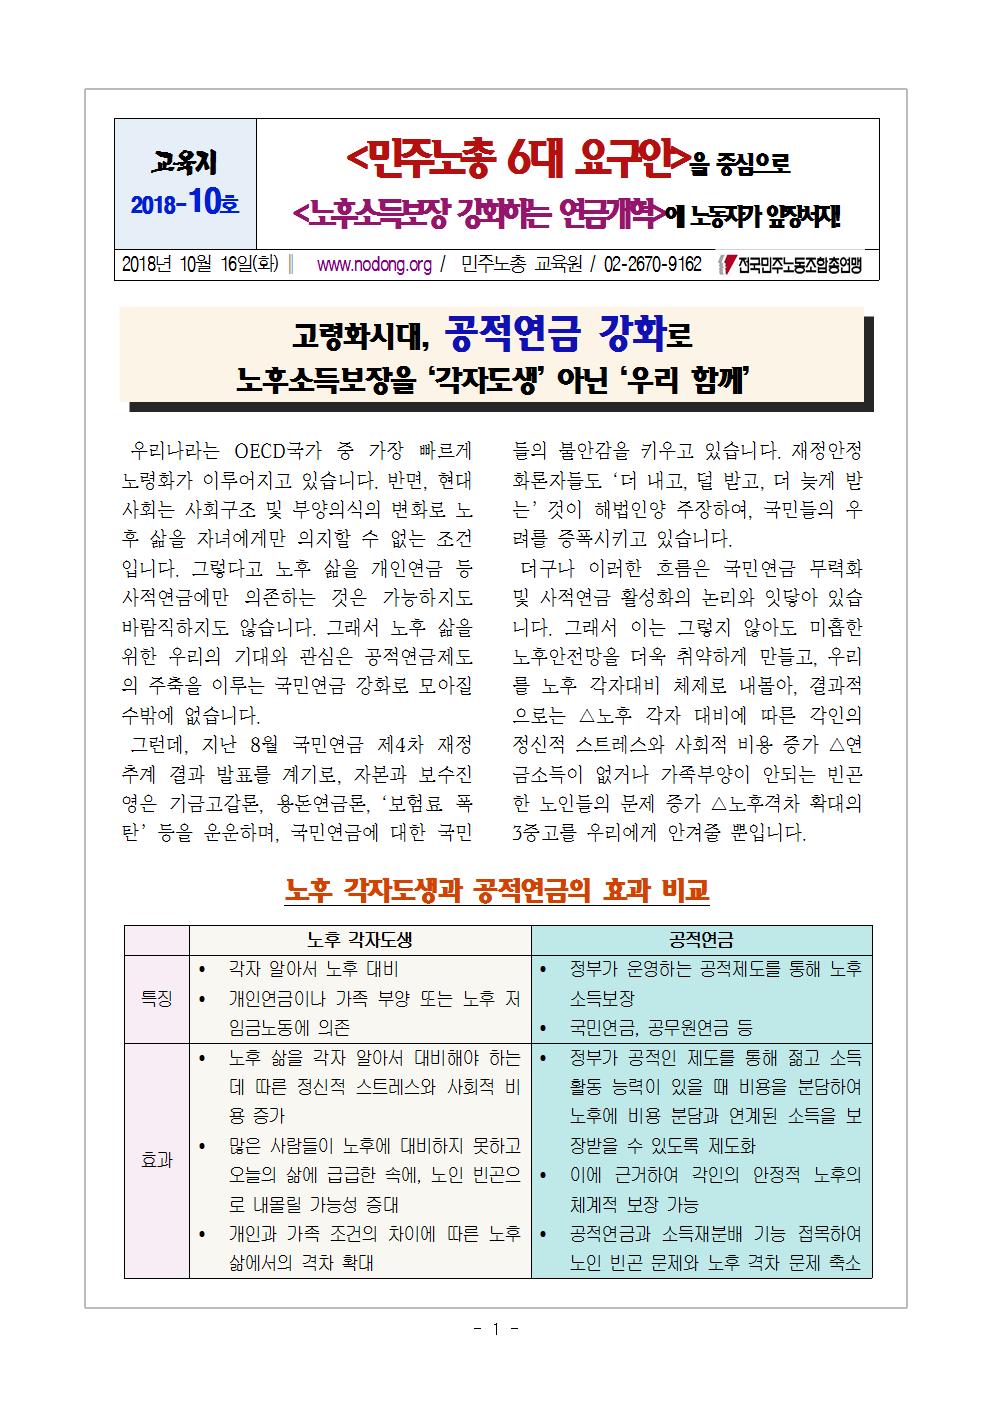 [2018 교육지-10] 국민연금 개혁 6대 요구안001.png